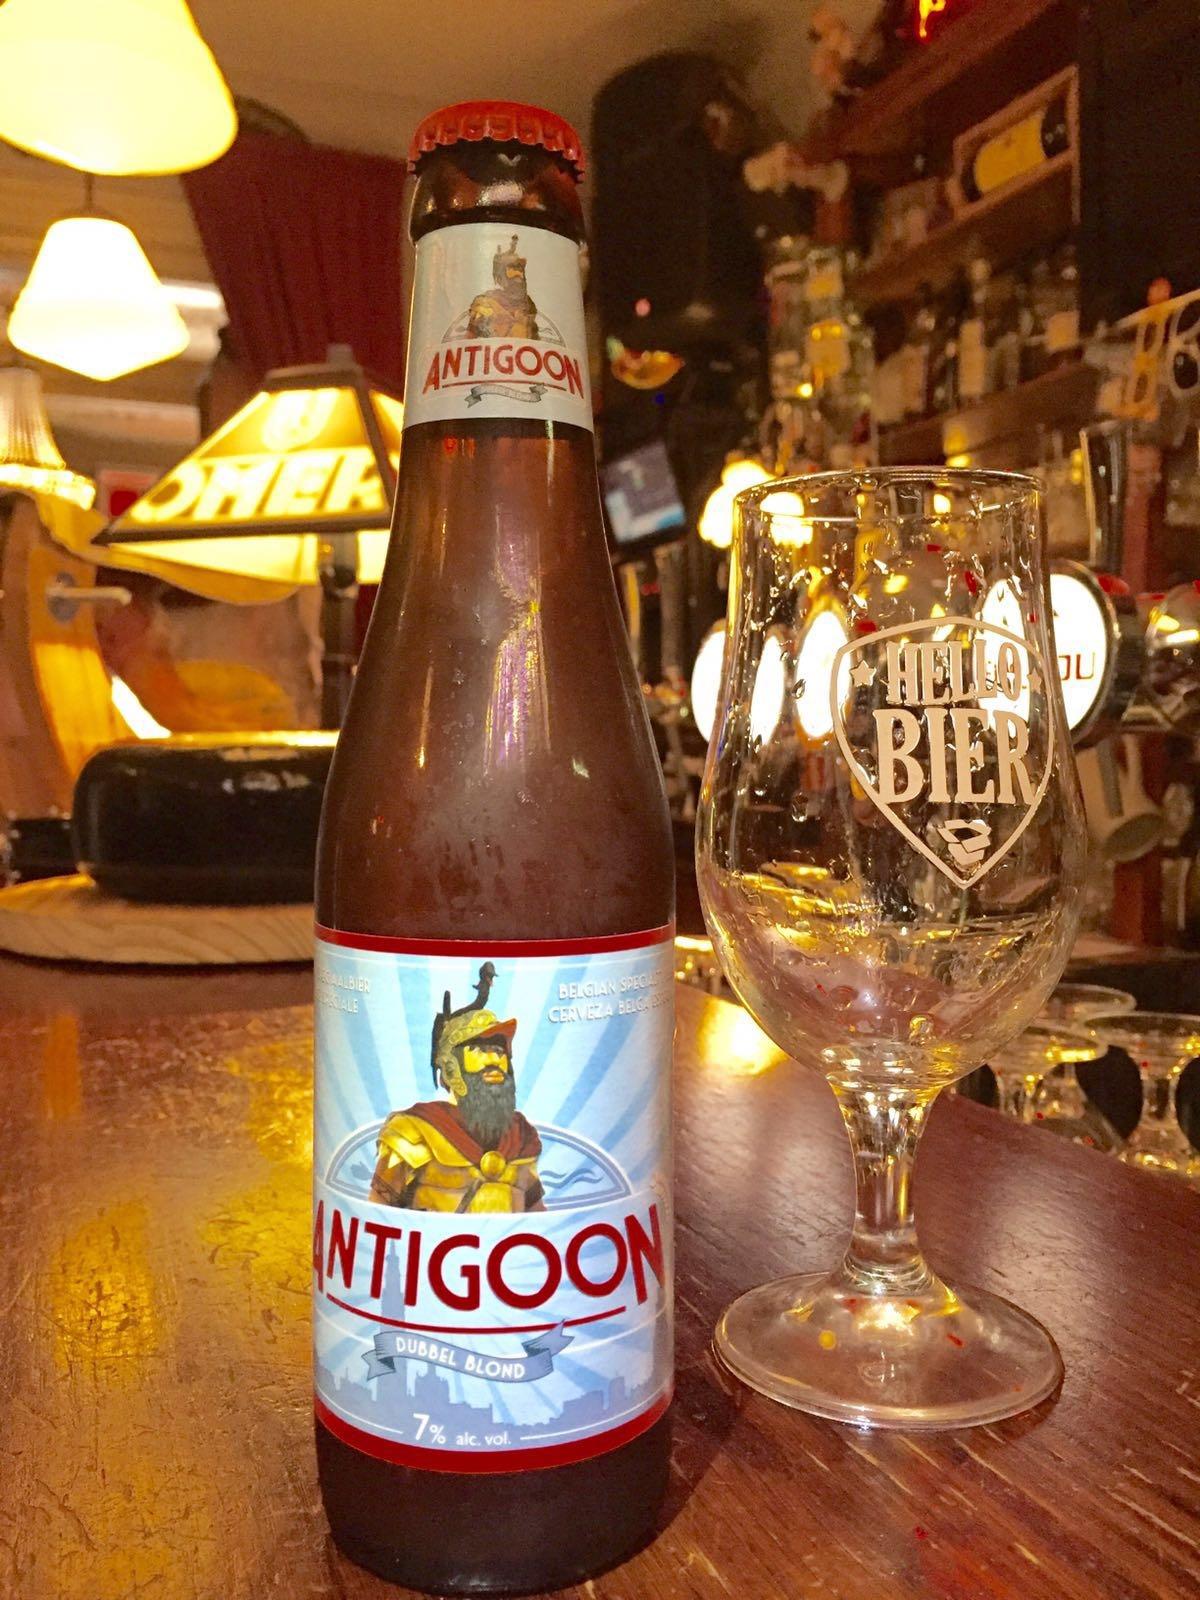 """Antigoon Herkomst: Ursel, België Dubbel blond bier met een romige kraag met fijne belletjes. Dit appelfris bier wordt vergezeld met citrus en kruidige aroma's. Een blond bier mag """"Dubbel Blond"""" genoemd worden als het een alcoholpercentage van 7% heeft. Antigoon is een bier met body waarbij de combinatie van smaken mooi in balans zijn. Advies serveertemperatuur: 7 graden."""